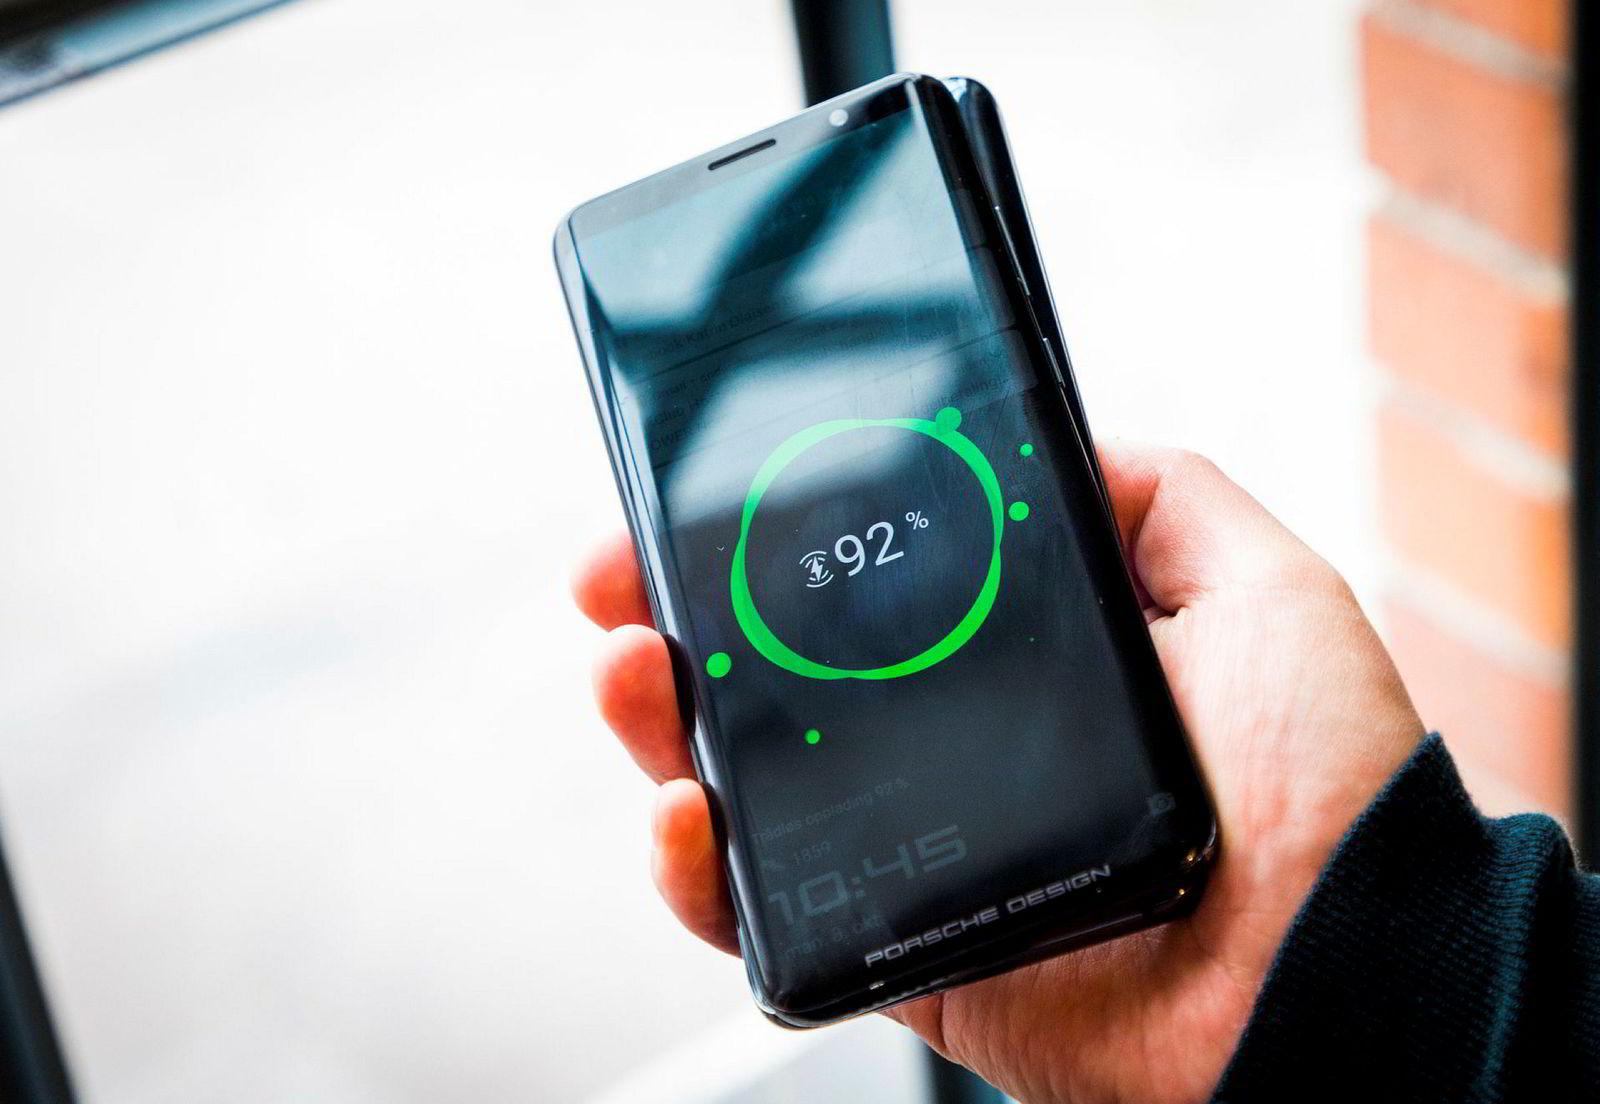 Vennelading – Mate 20 Pro kan lade en annen telefon ved å legge dem rygg mot rygg.